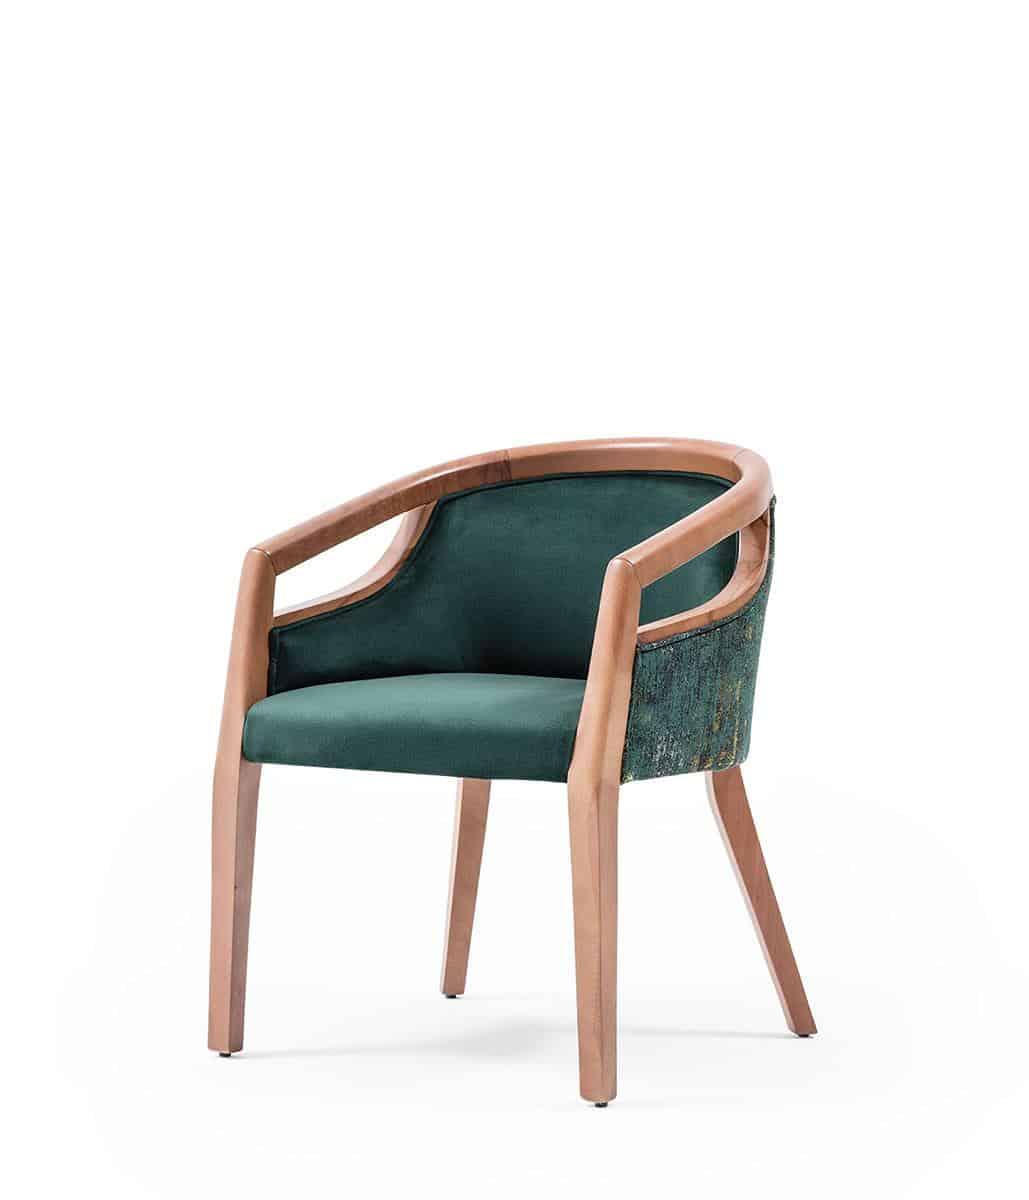 urun-cizetta-sandalye-01